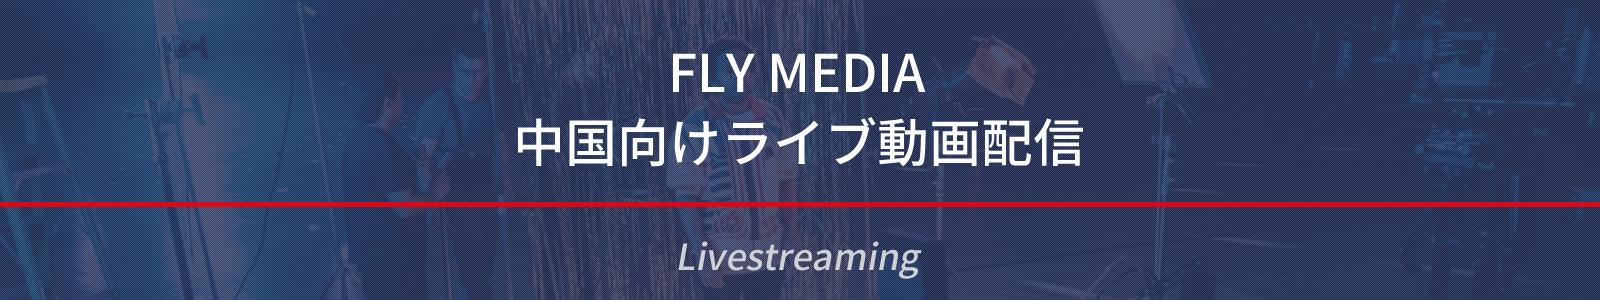 FLY MEDIA 中国向けライブ動画配信